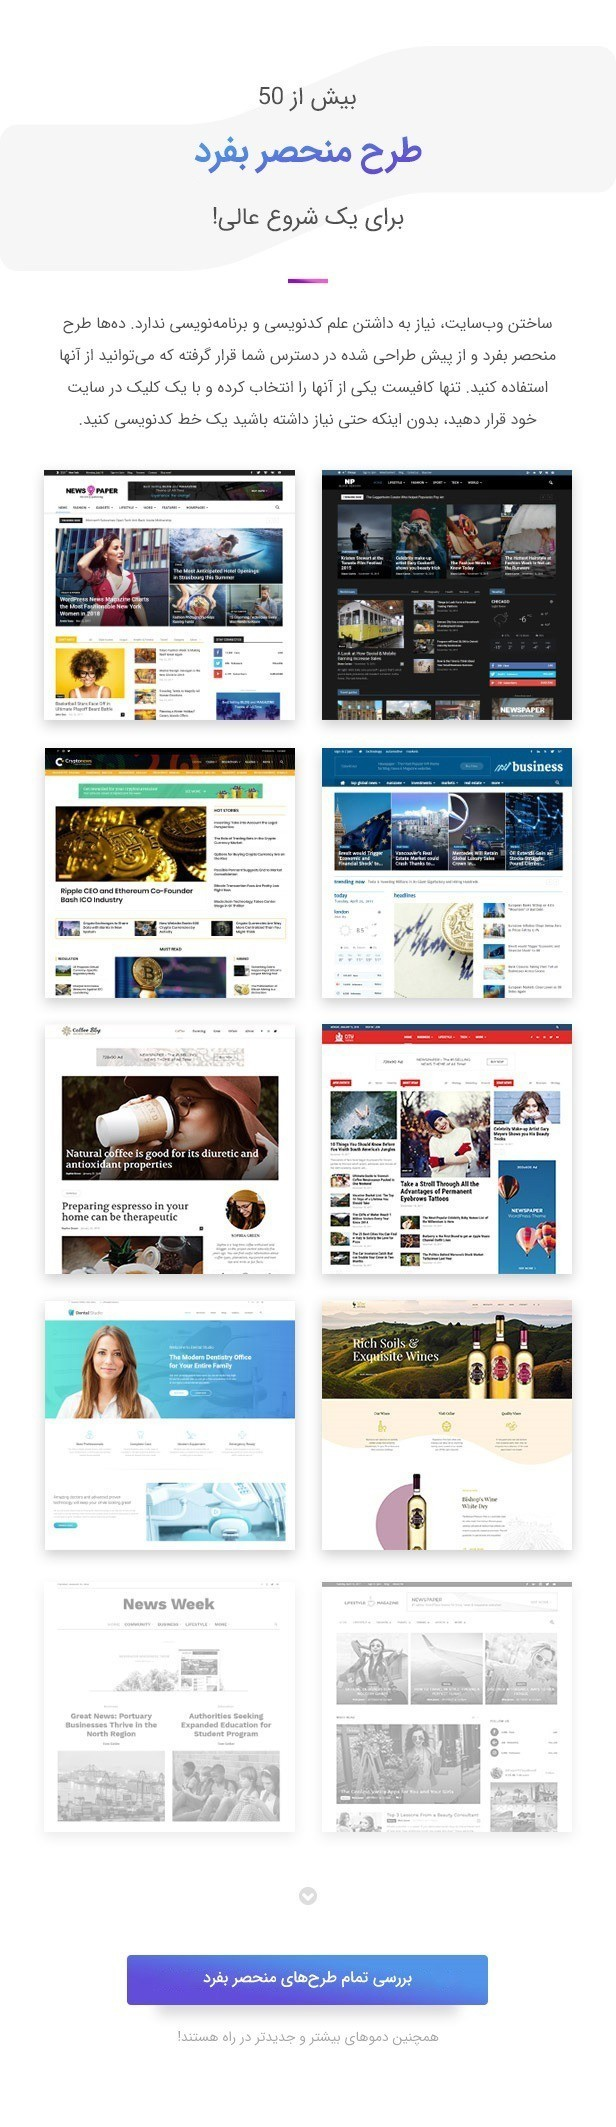 5 1 - قالب newspaper - قالب وردپرس خبری و مجله ای نیوزپیپر